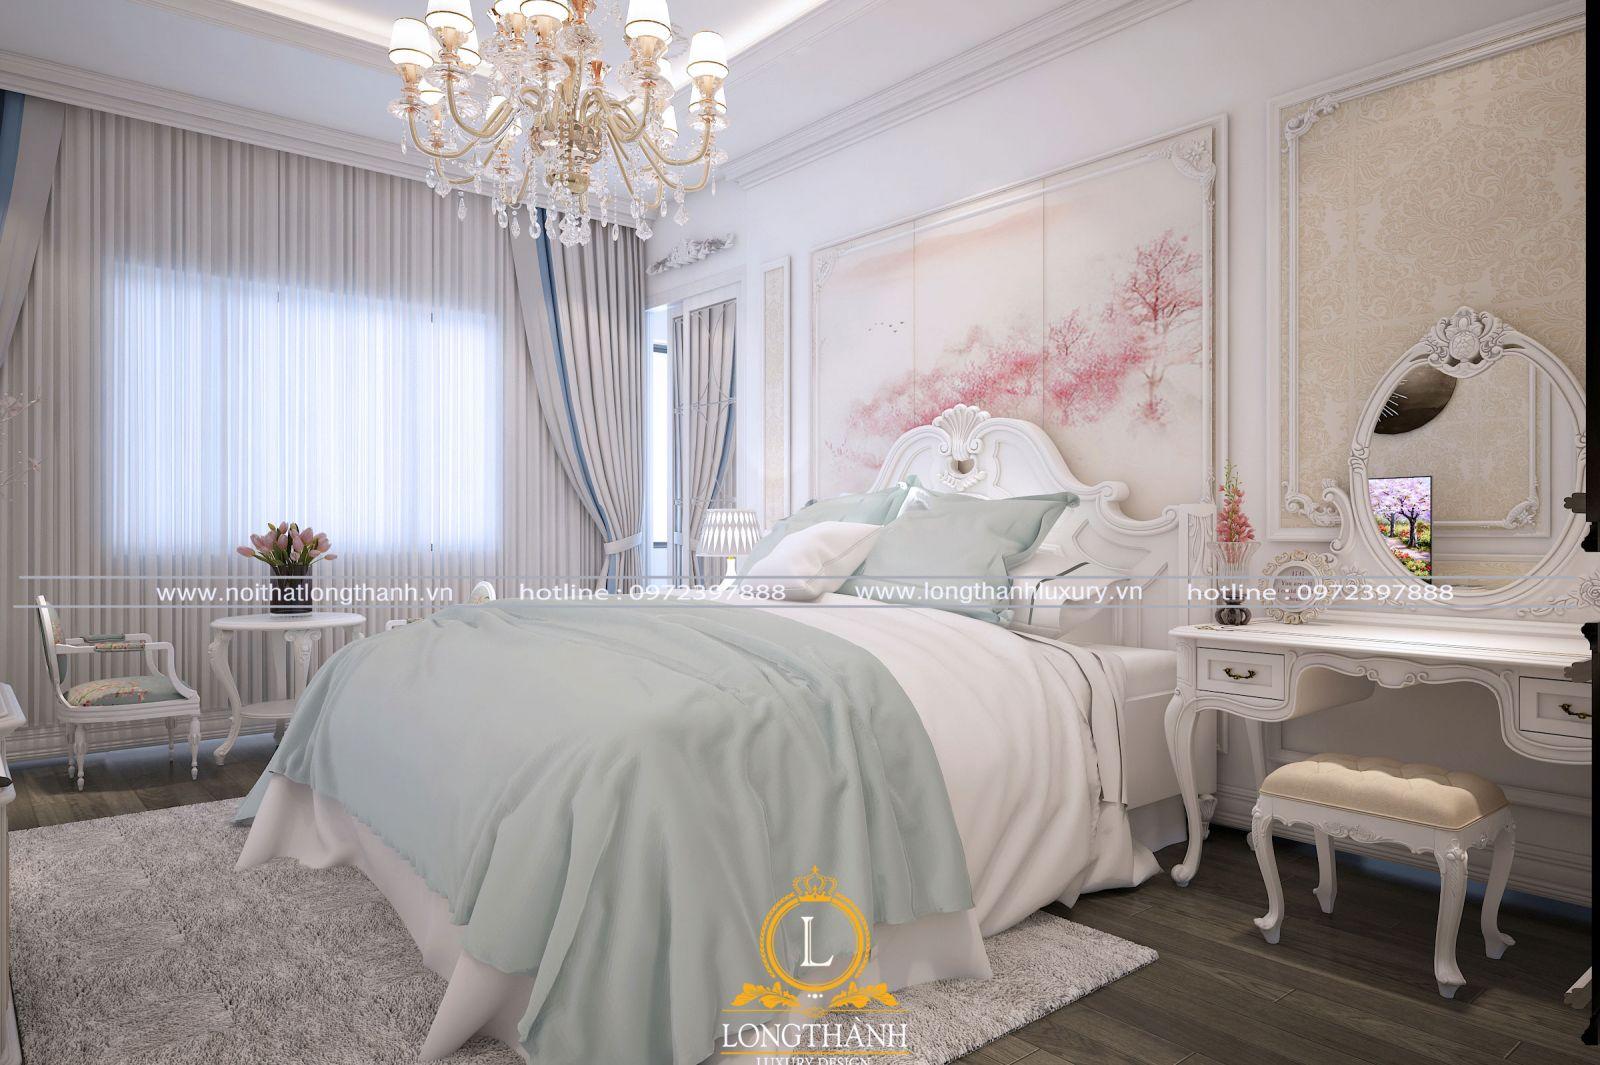 màu sắc phòng ngủ màu trắng đẹp tinh tế